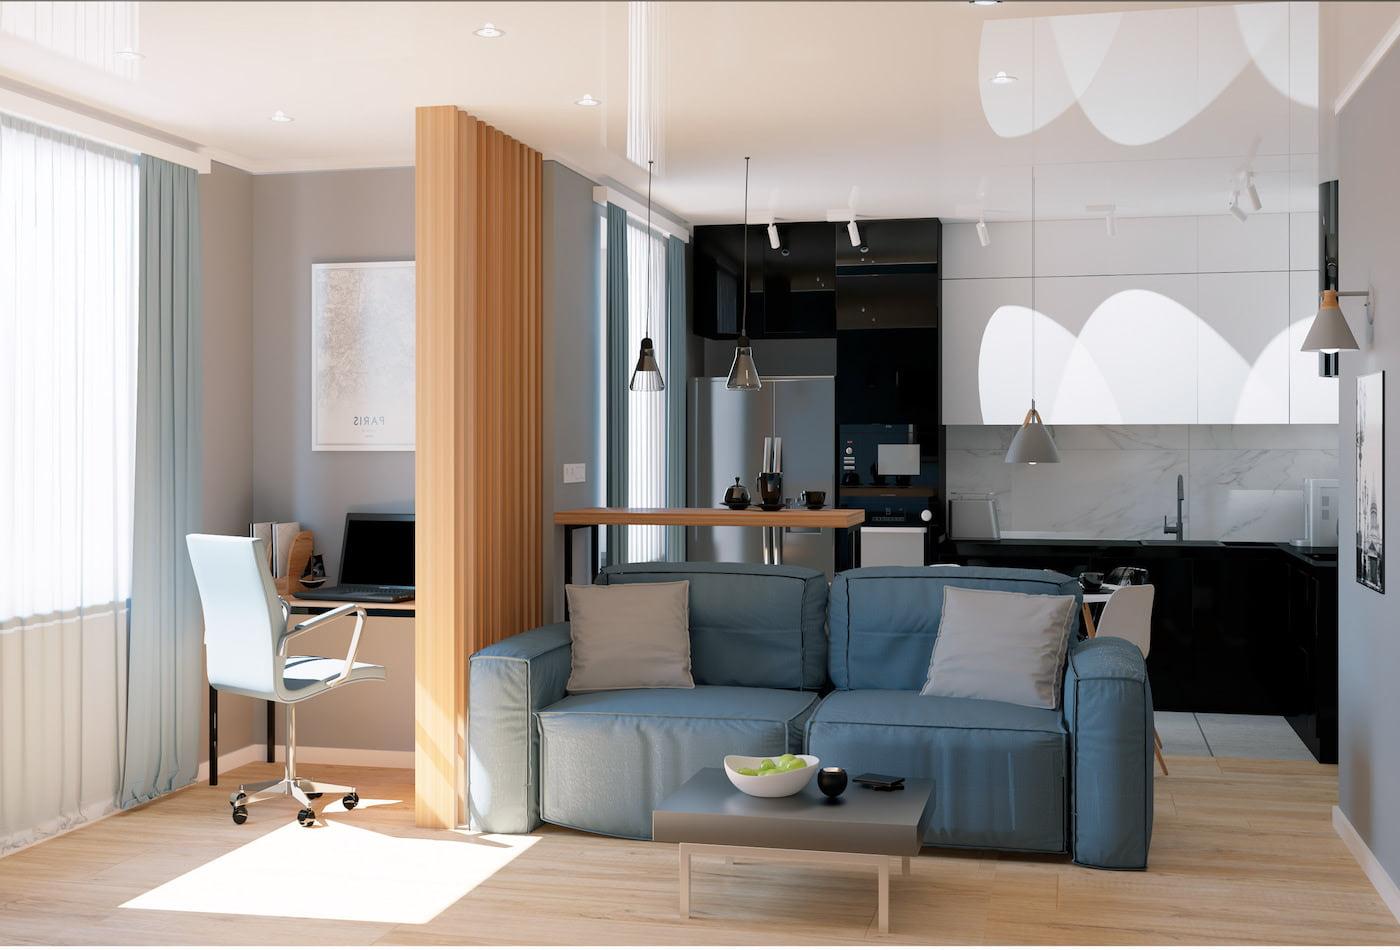 дизайн интерьера гостиной фото 42